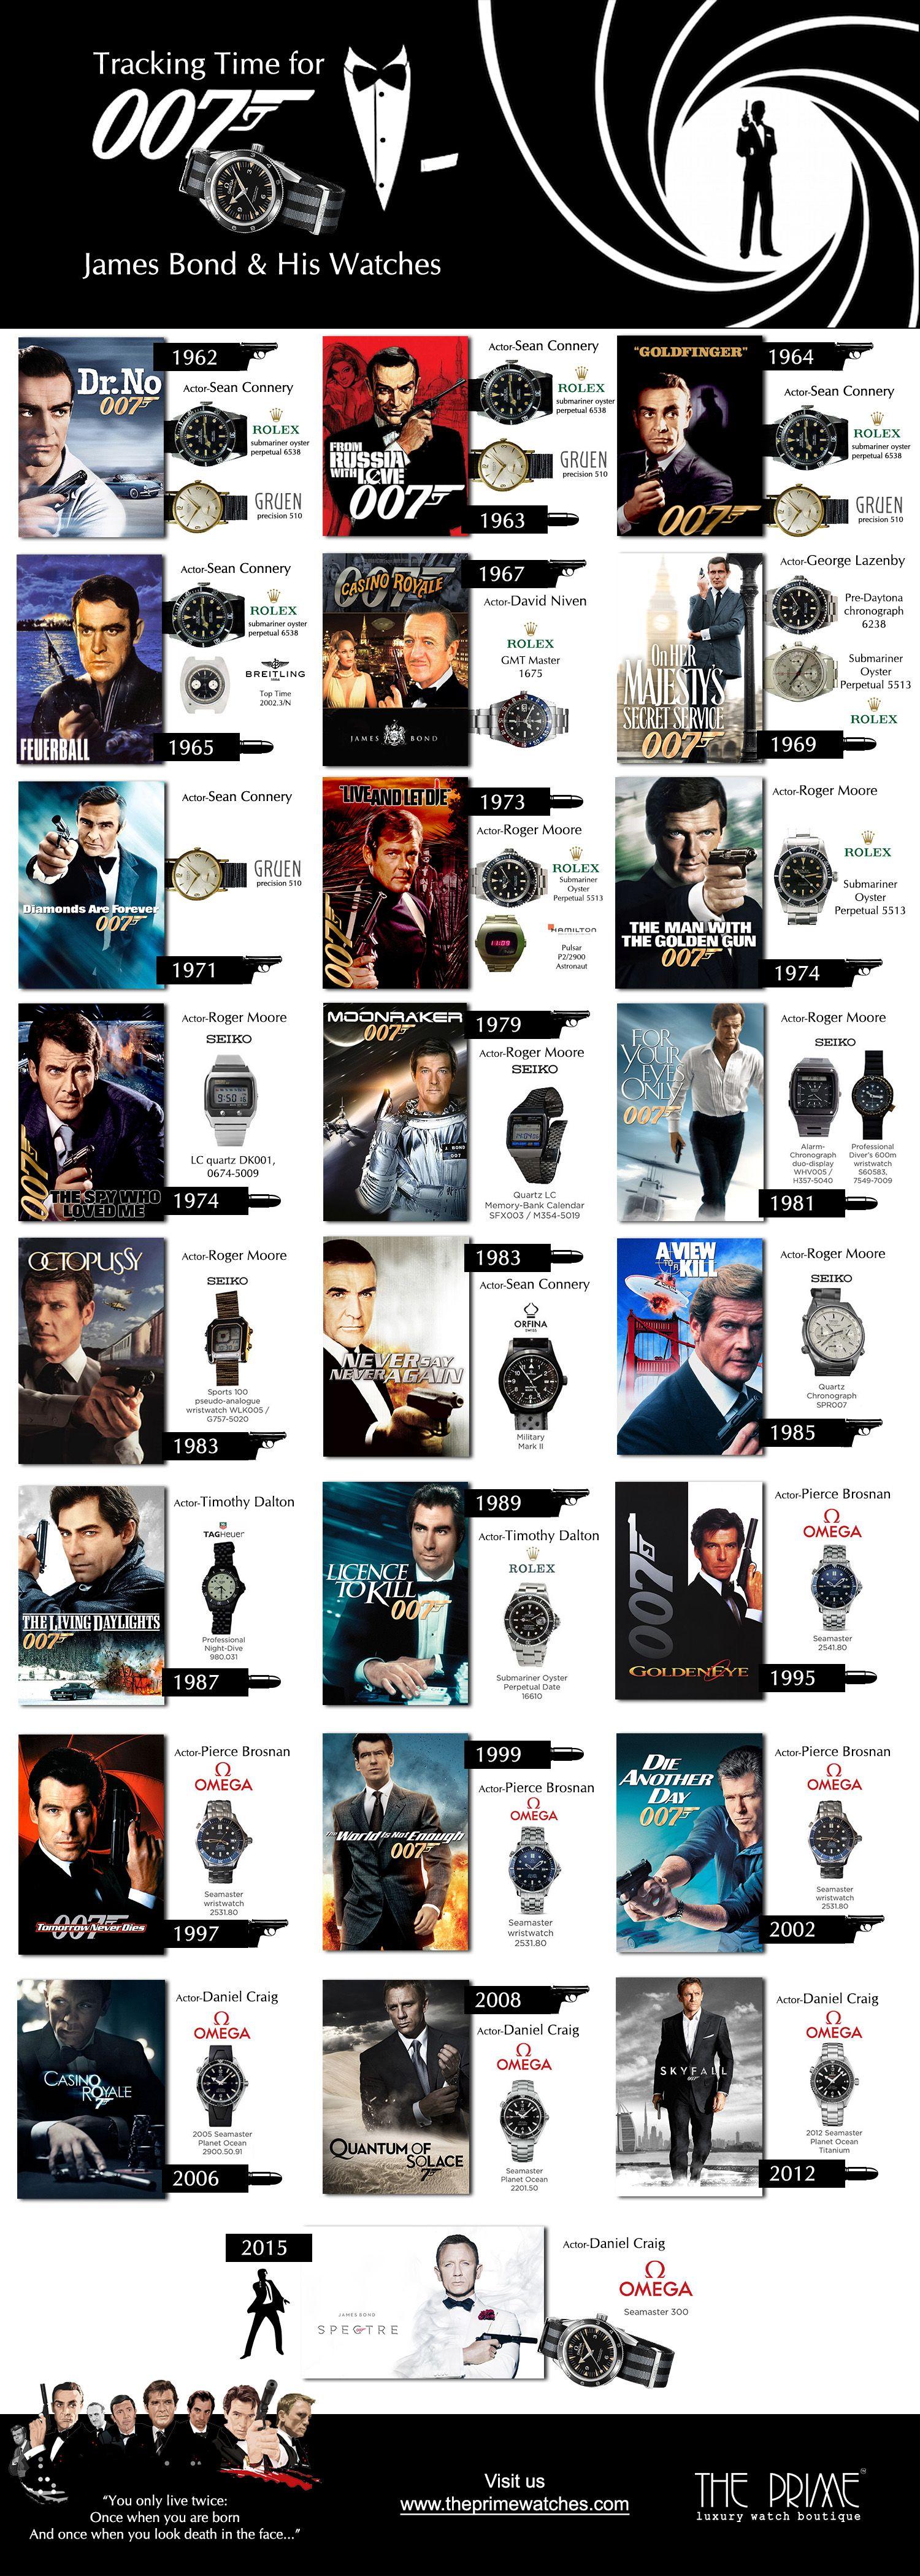 Τι θα ήταν ο James Bond χωρίς τα ρολόγια του; - Προτάσεις για επιλογή ρολογιού